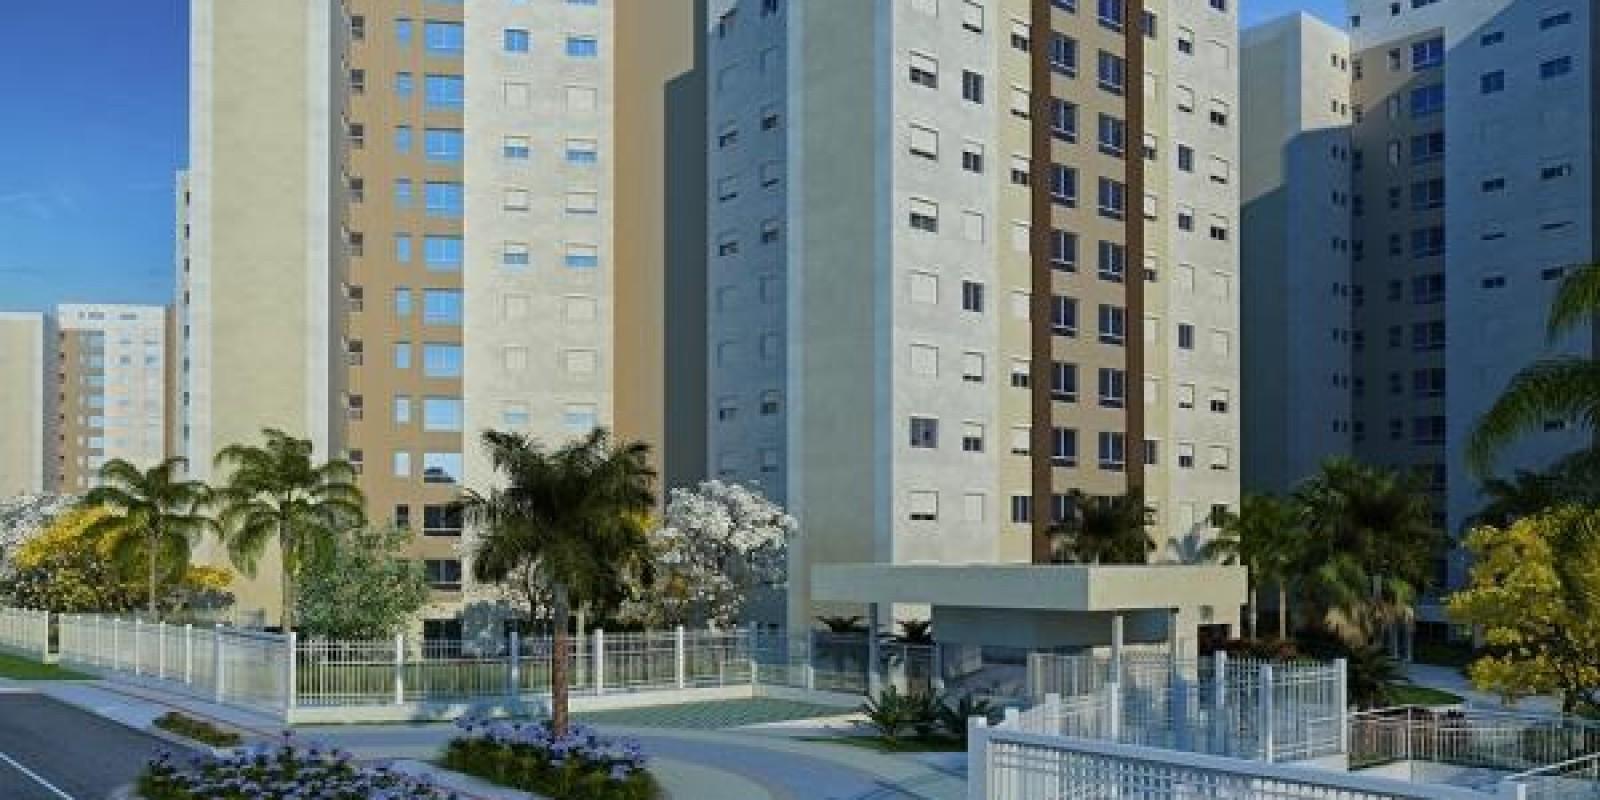 TPS Imóveis apresenta Apartamento A Venda 2 dormitórios Canoas! Excelente imóvel a venda em Canoas